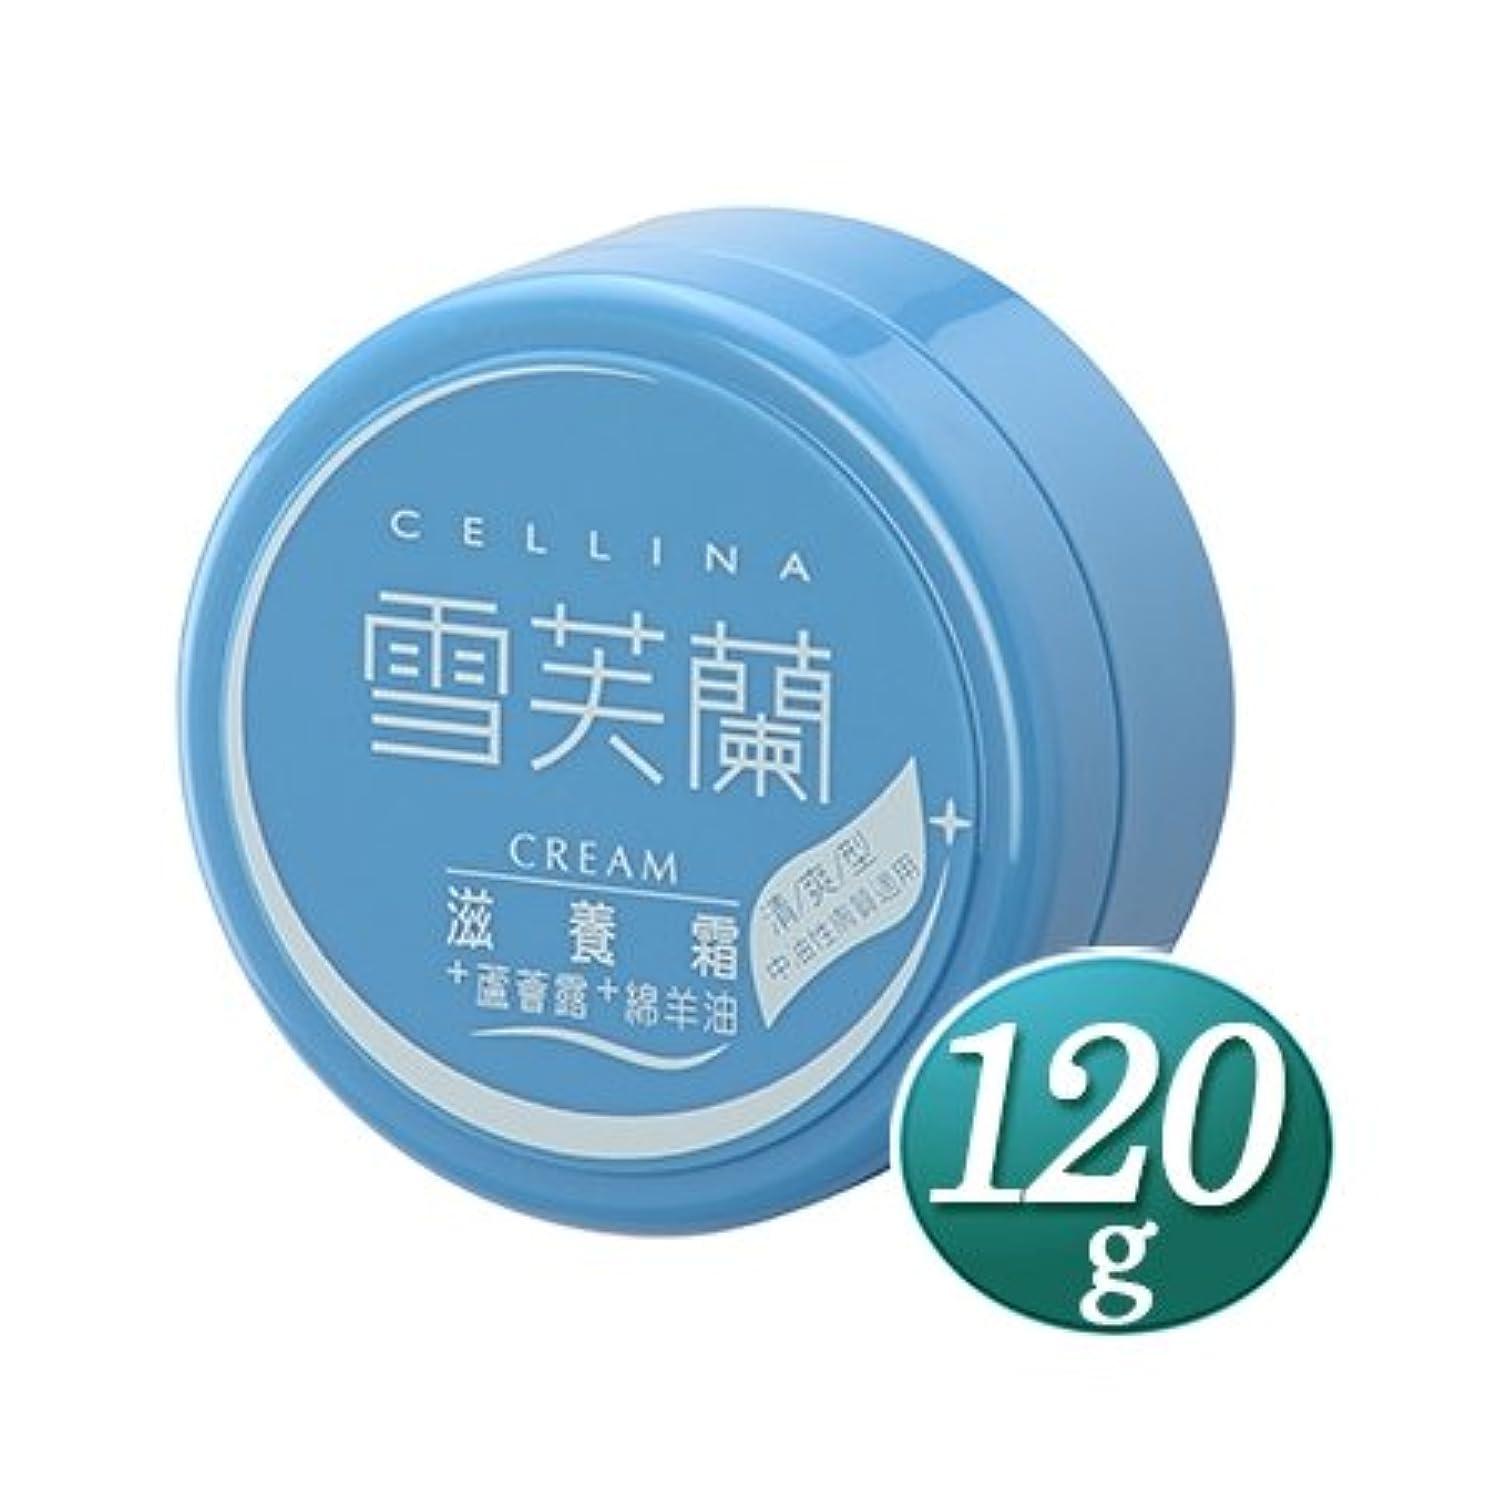 赤外線過敏な眠り《盛香堂》 雪芙蘭 滋養霜-清爽型 120g (スキンクリーム?全身用-爽やかタイプ) 《台湾 お土産》 [並行輸入品]